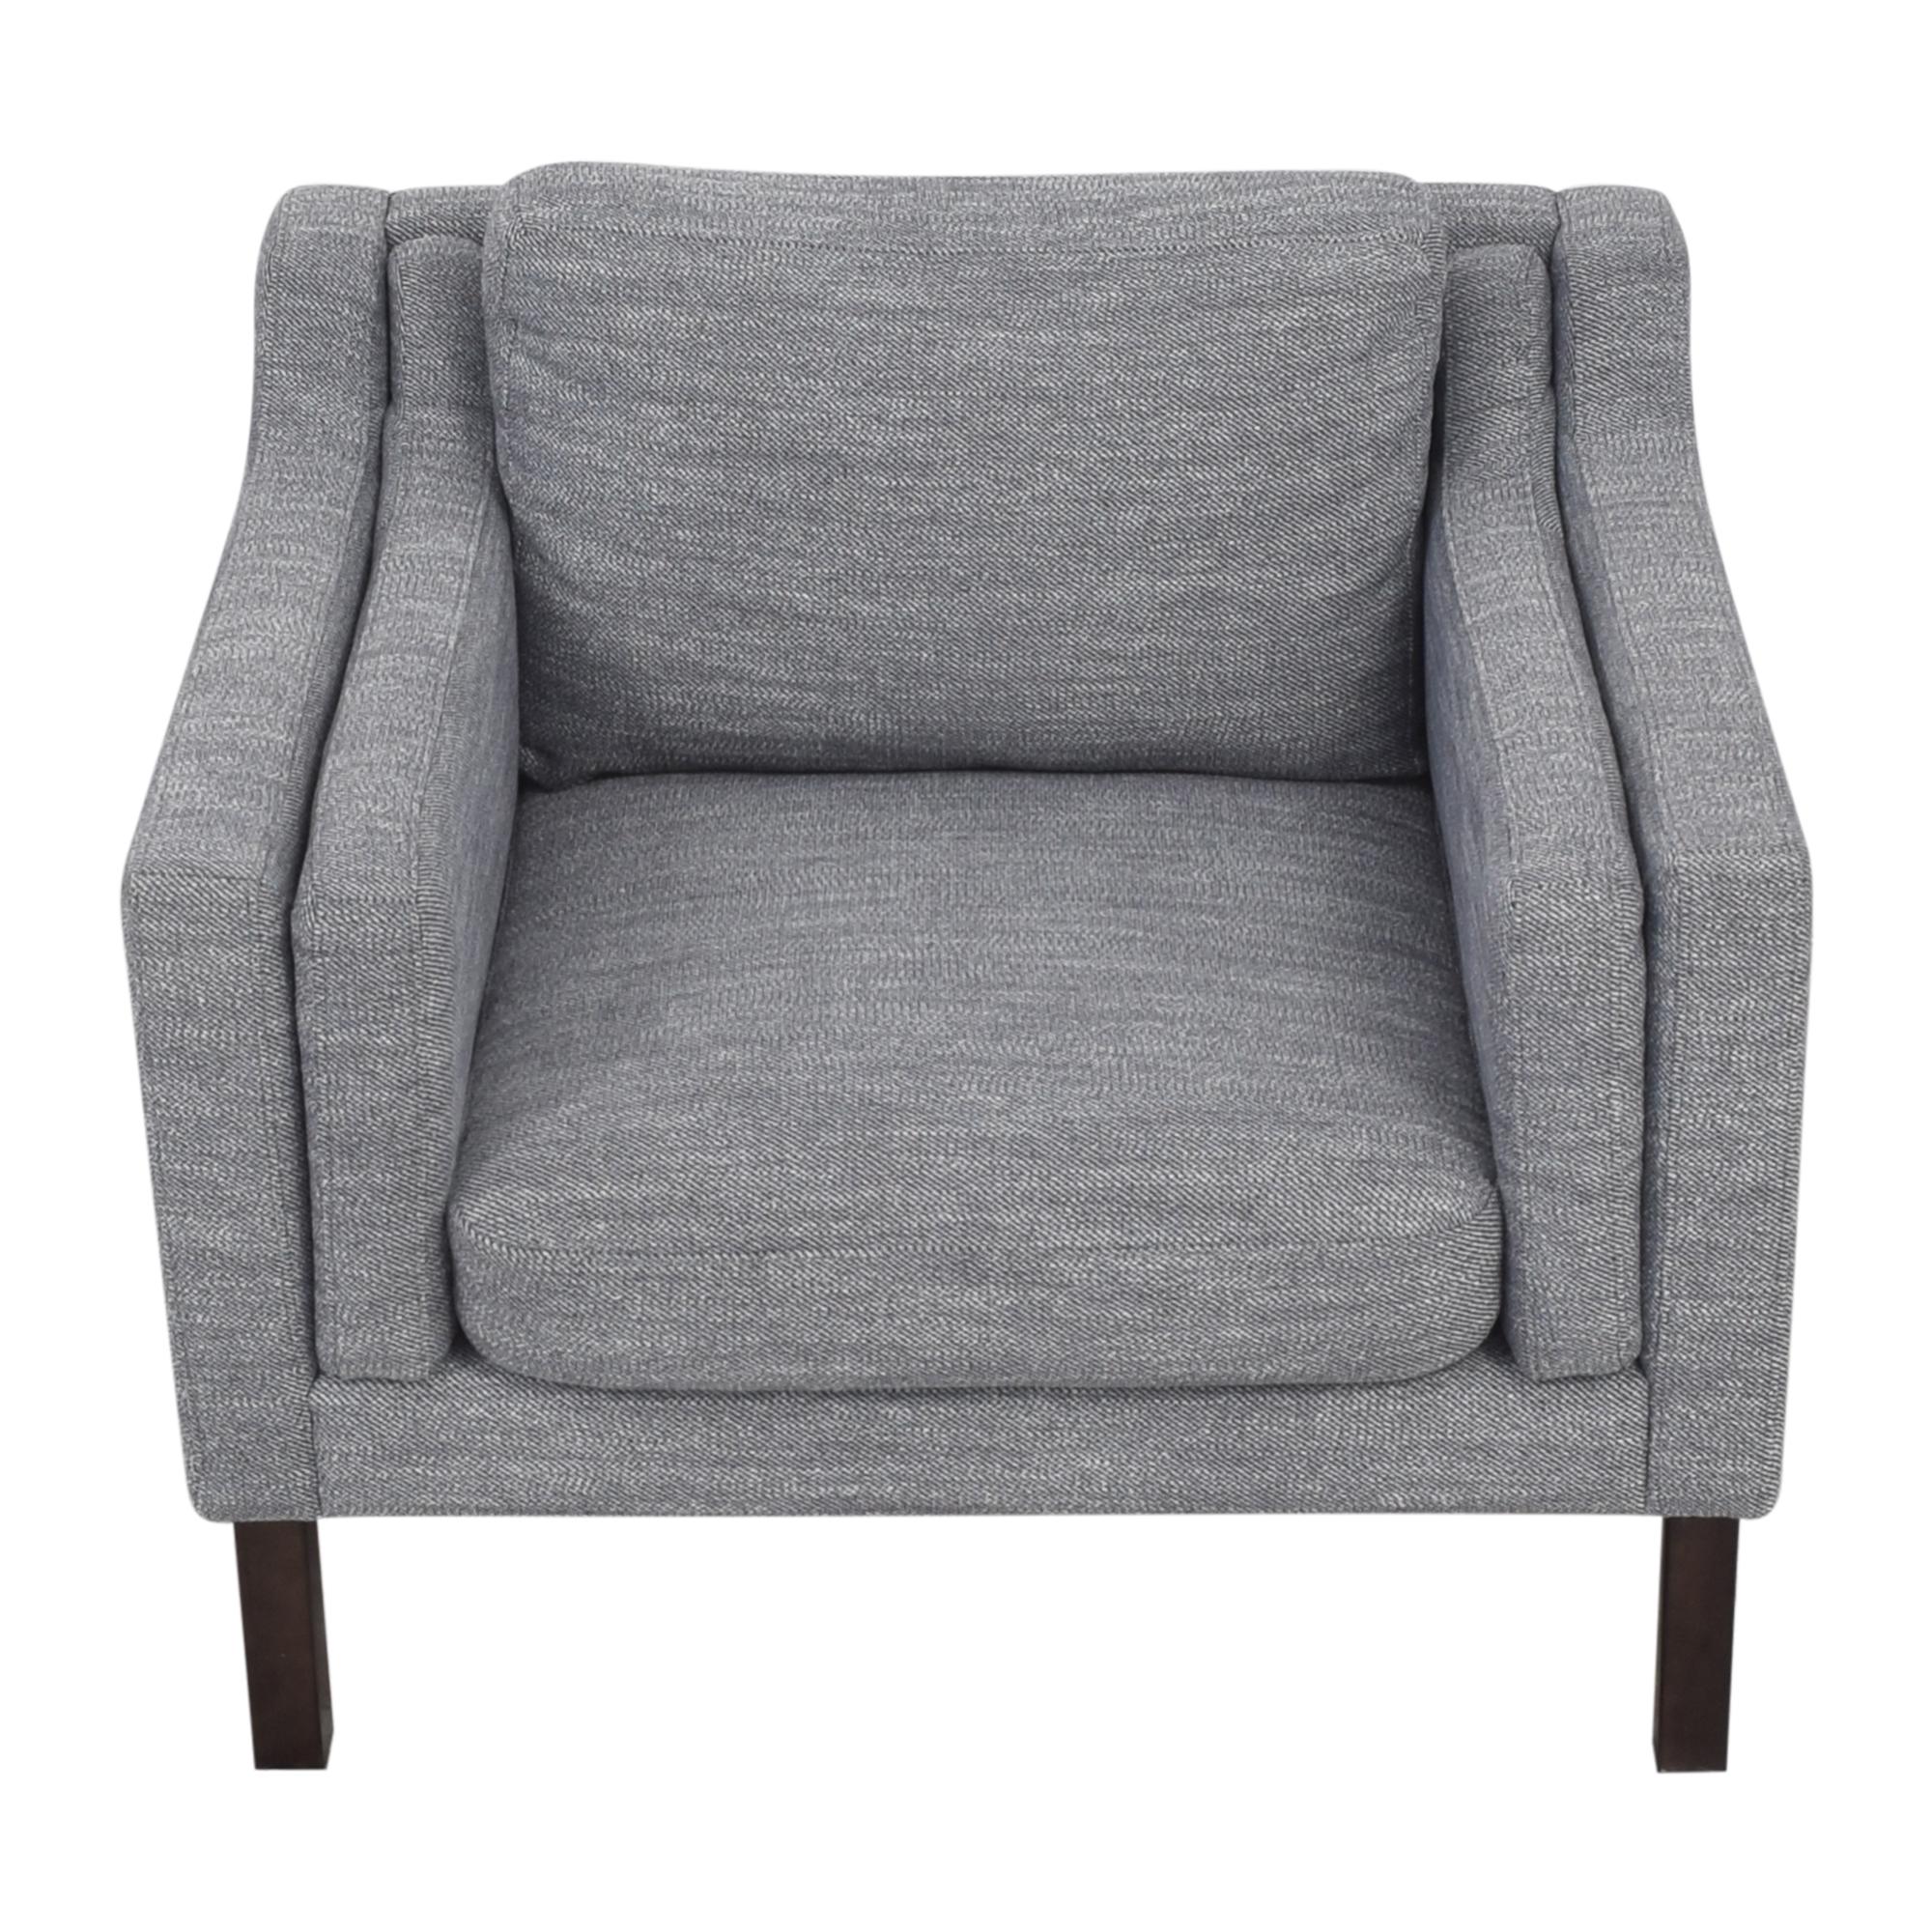 Kardiel Kardiel Monroe Chair Chairs